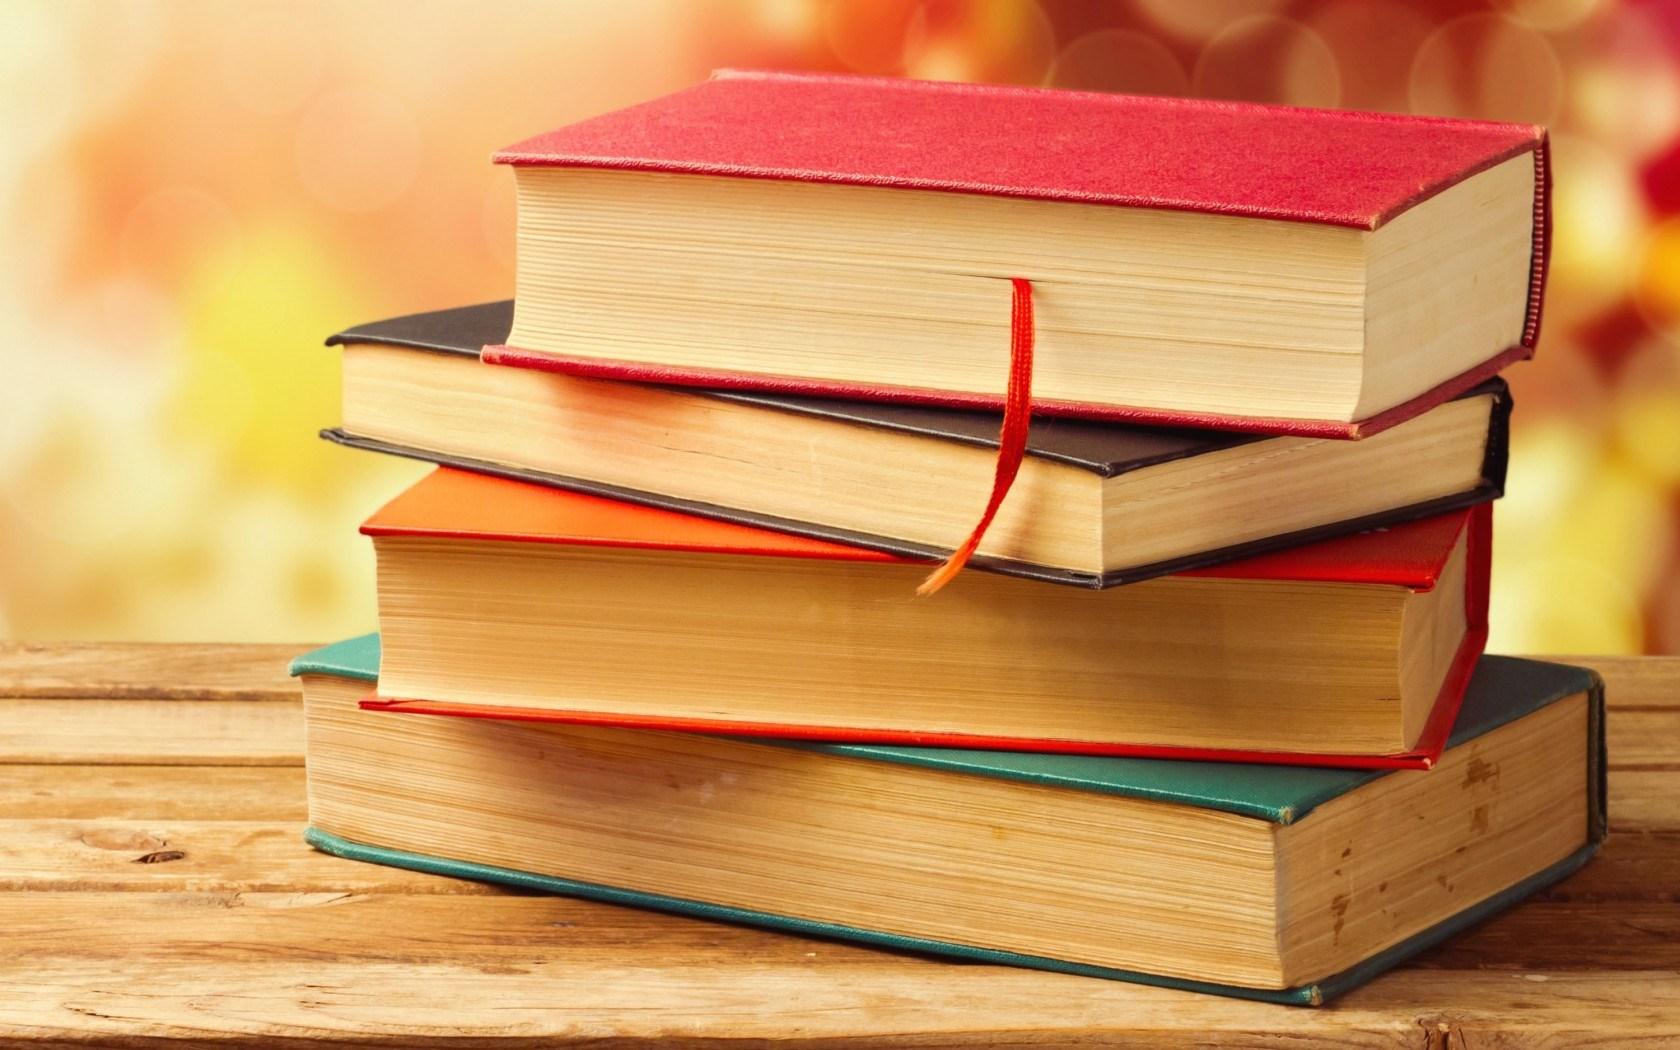 Wallpaper with Books - WallpaperSafari